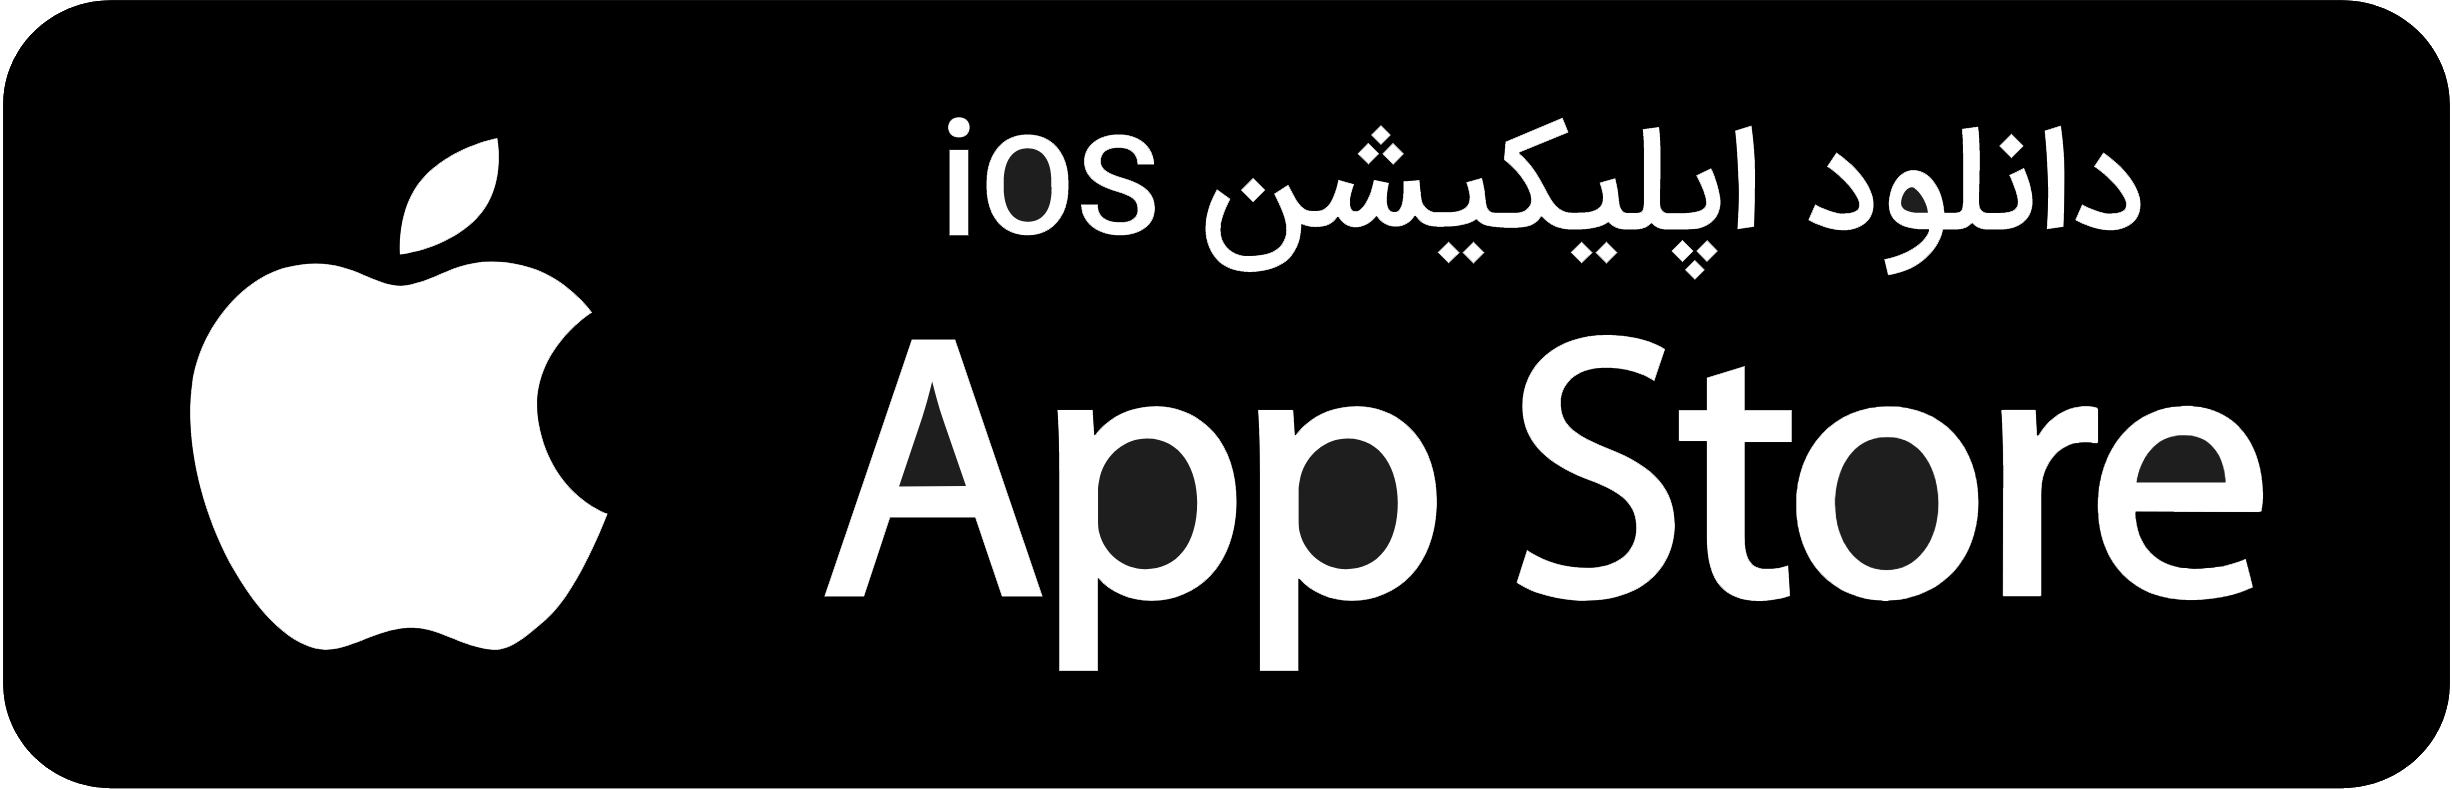 AAp Store (iOS)